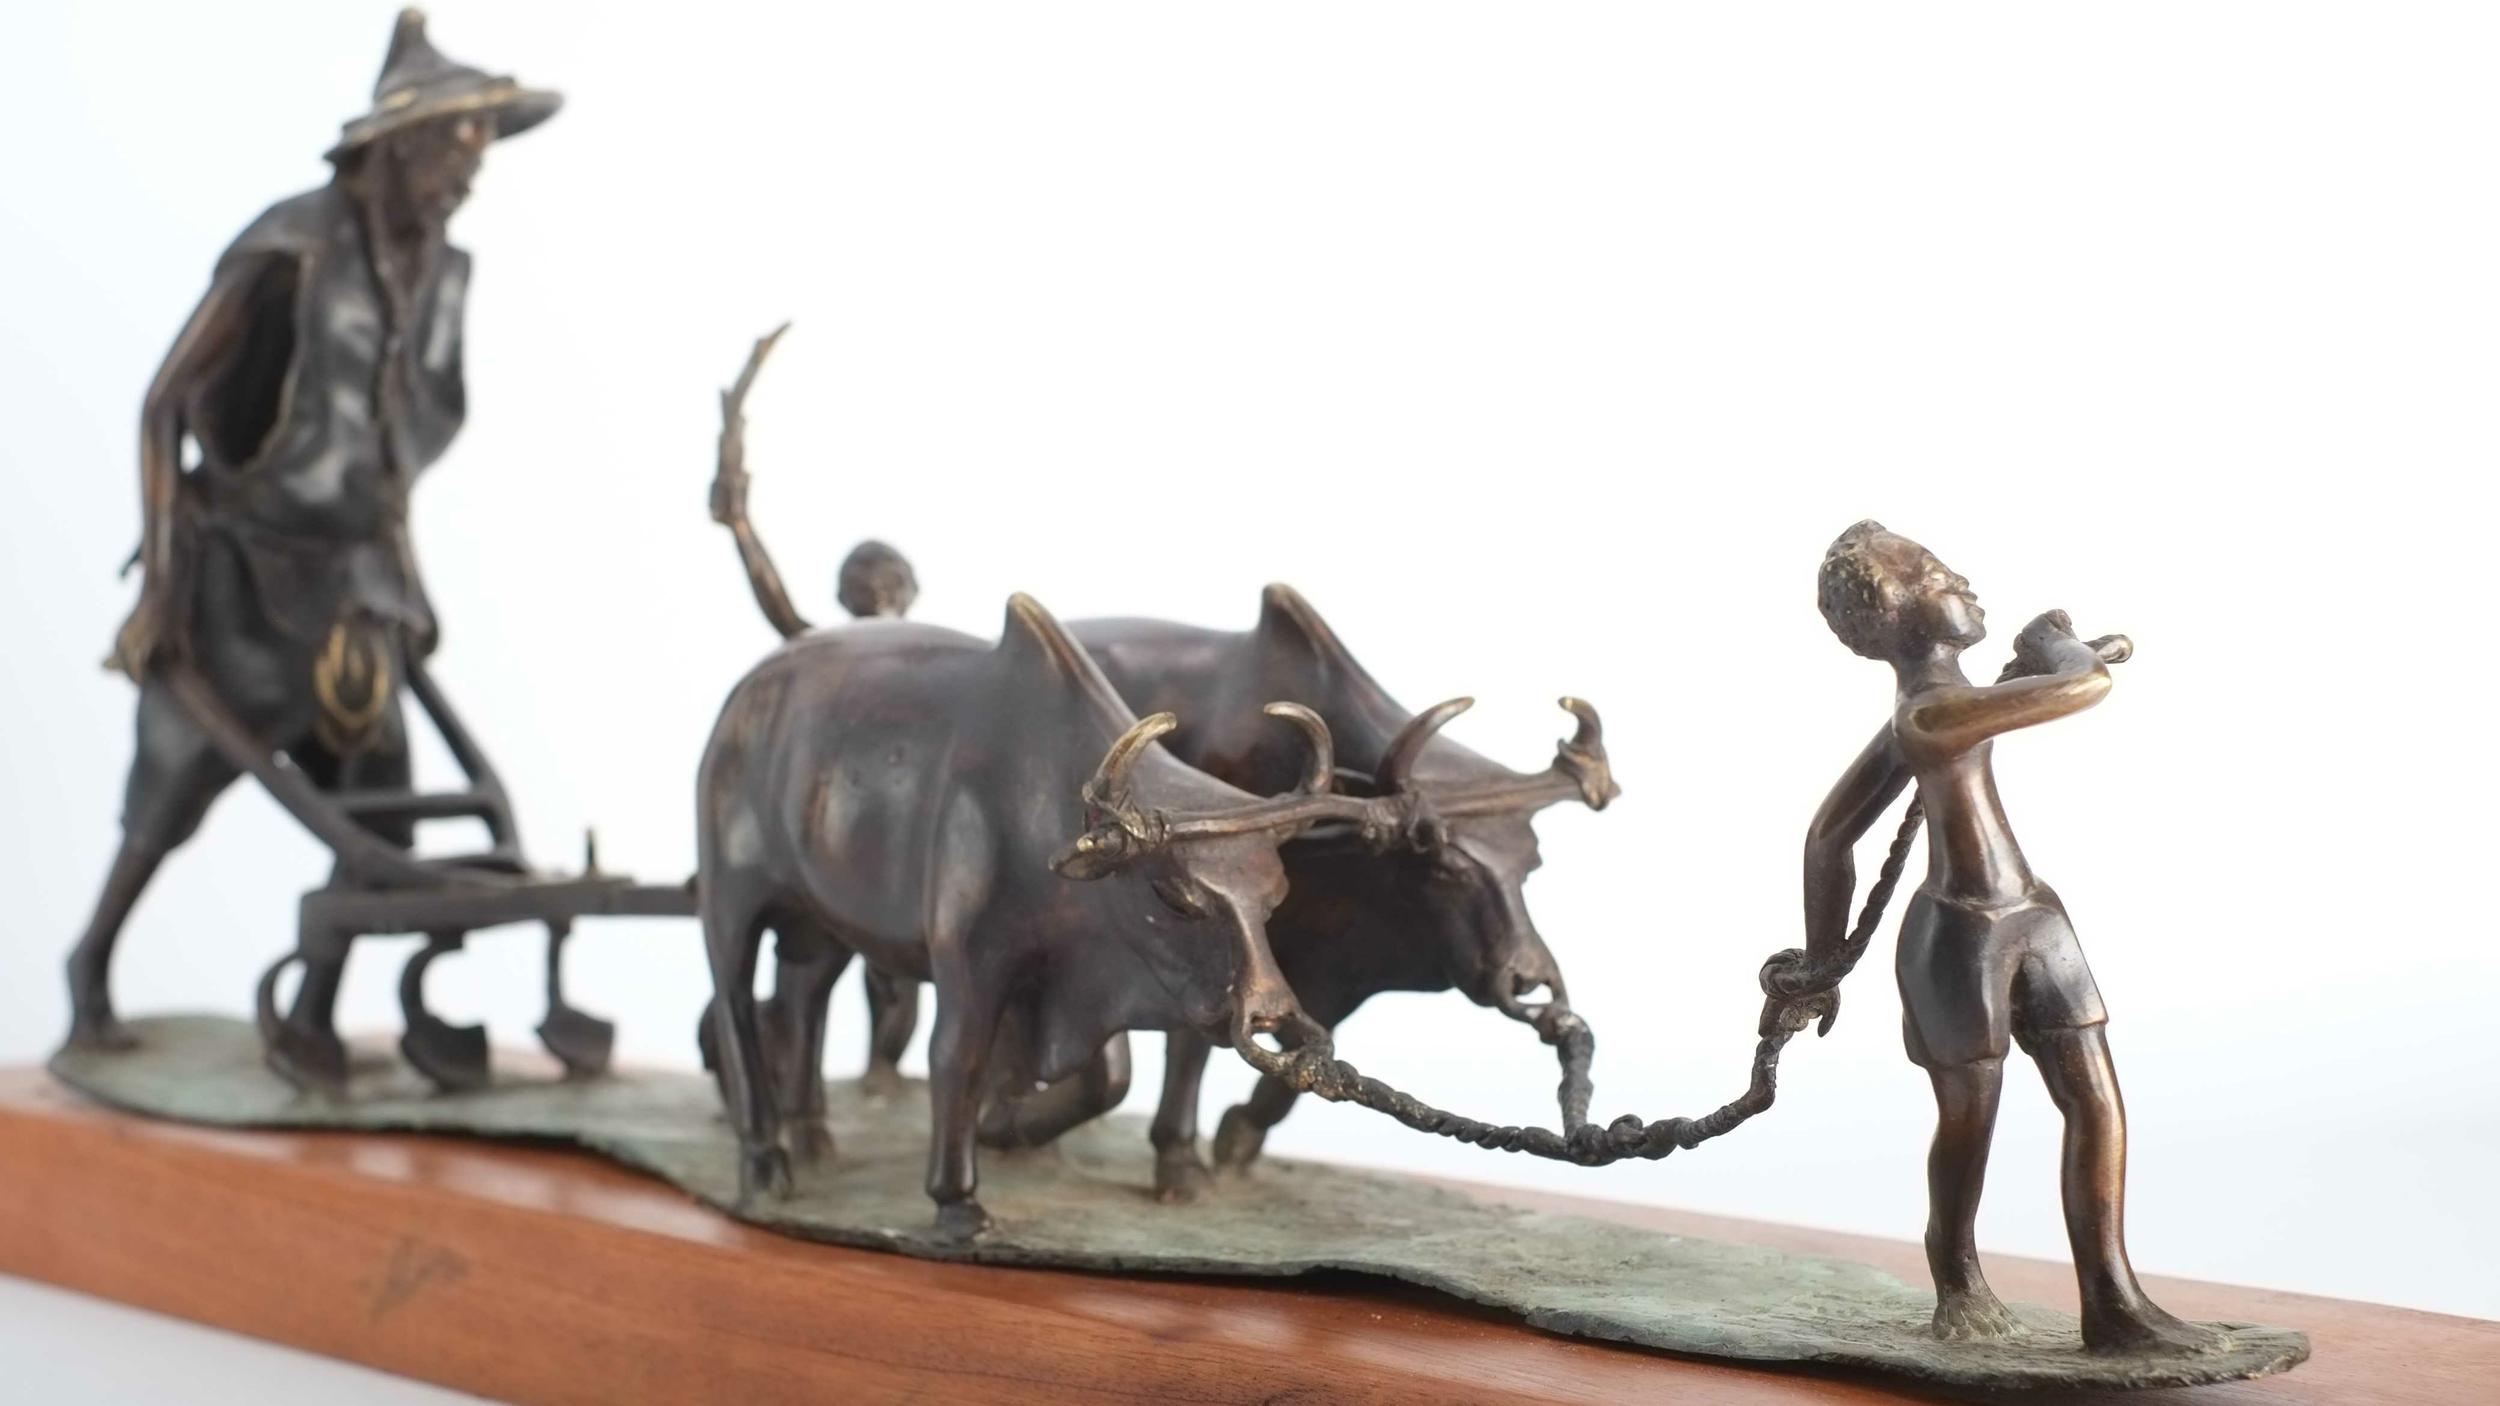 Statue en bronze d\'un laboureur au travail - Burkina Faso